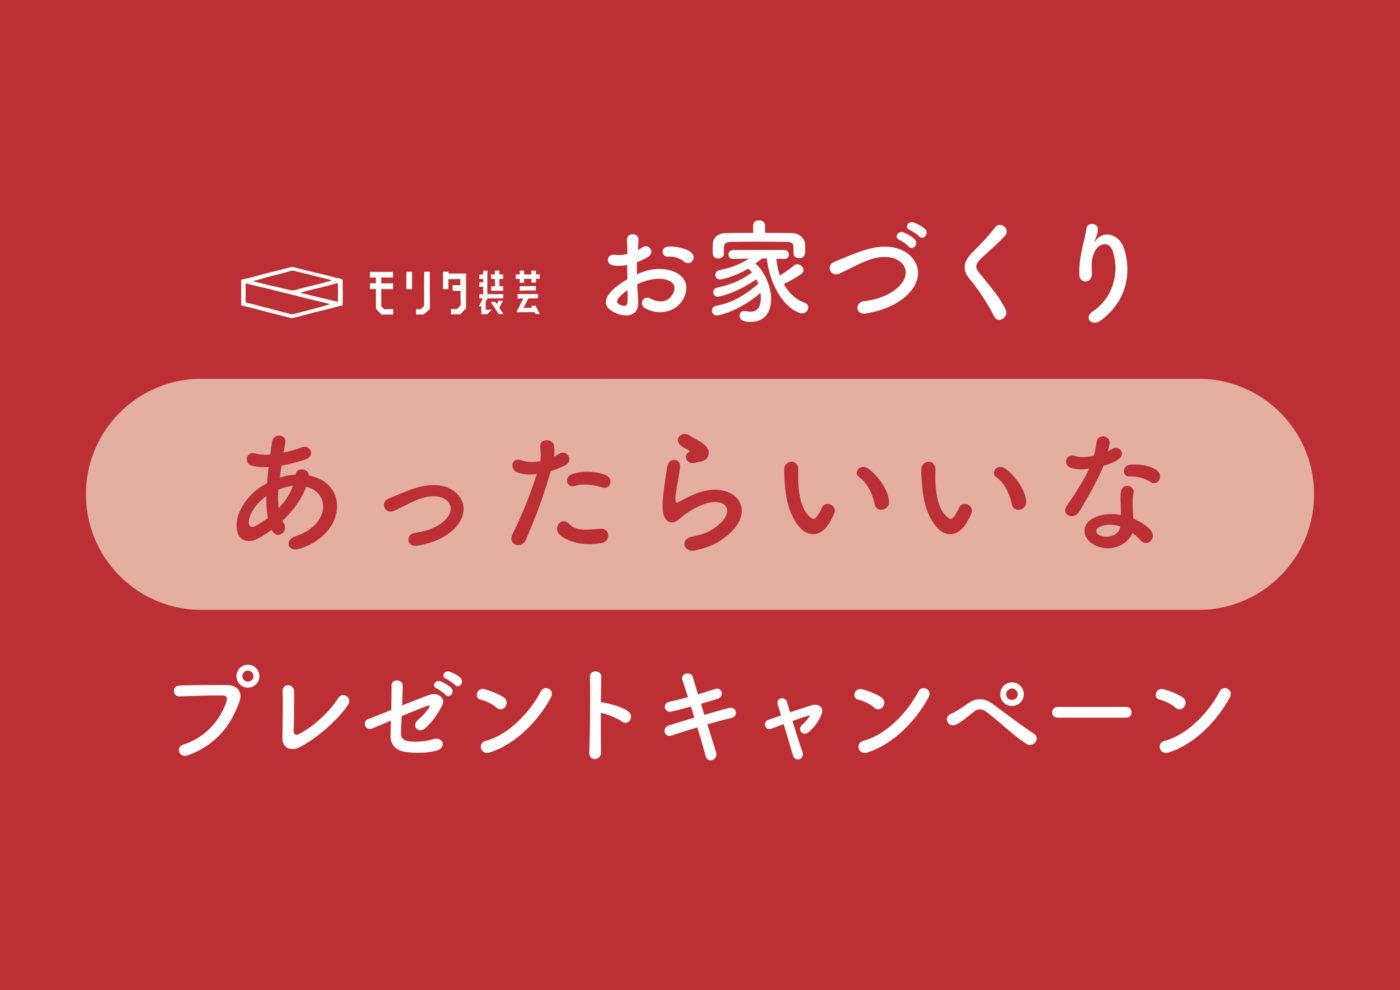 【1/31(日)まで】お家づくり「あったらいいな」プレゼントキャンペーン(終了いたしました)